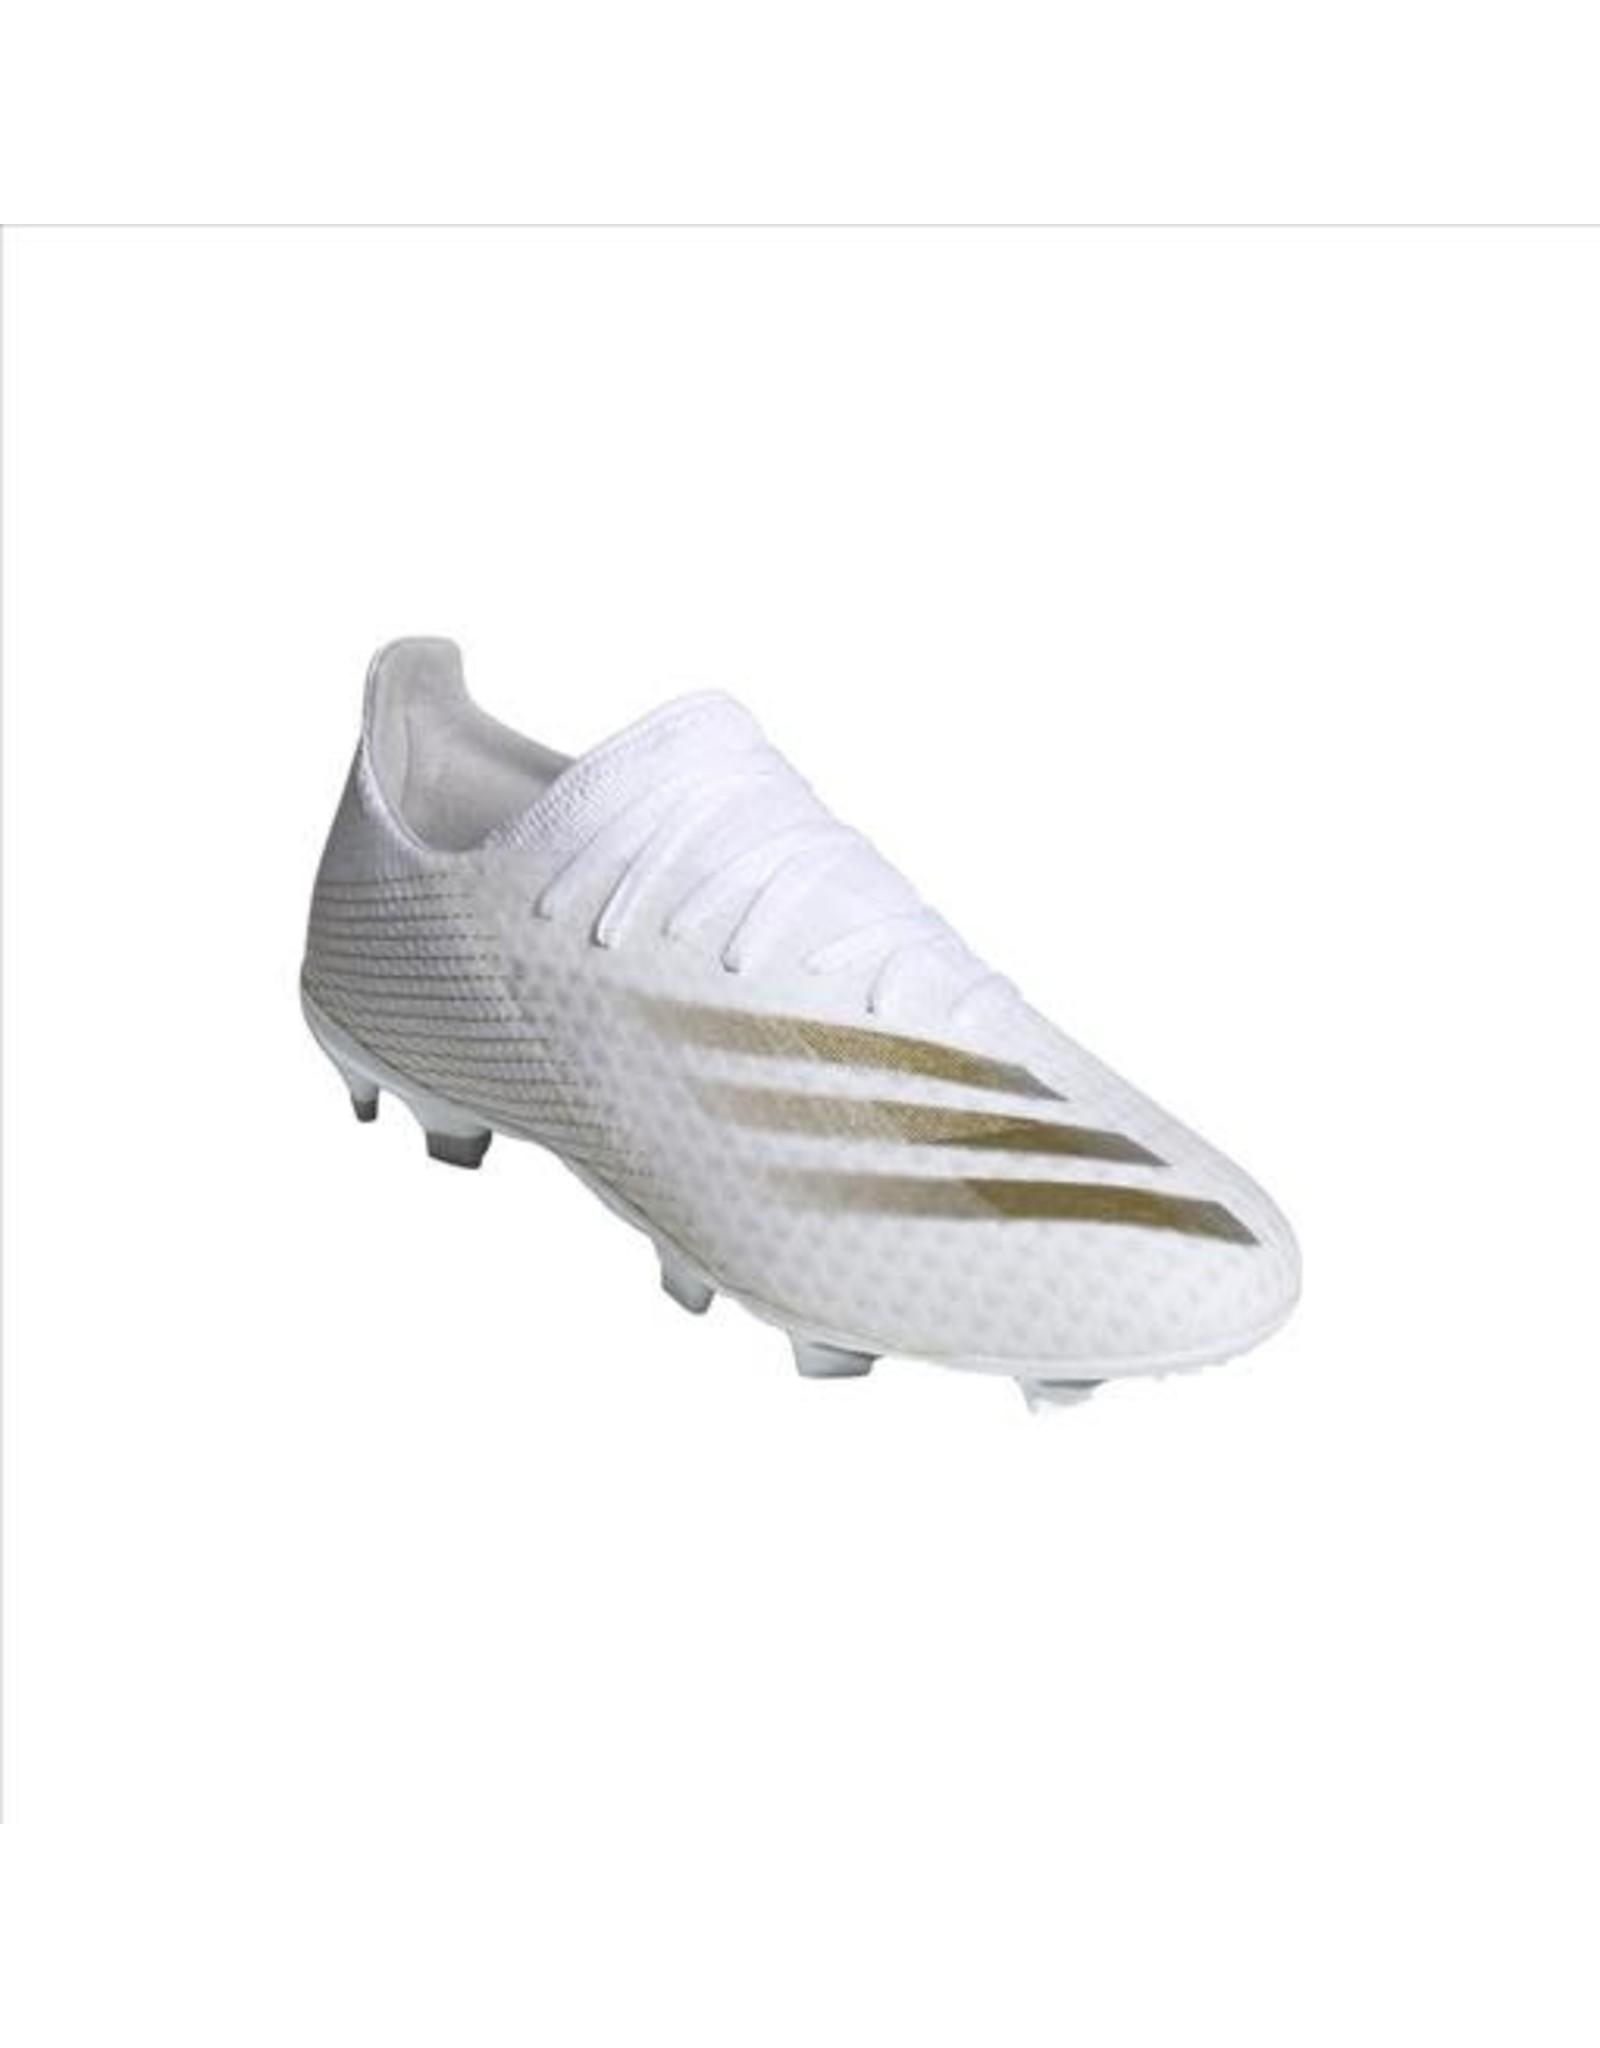 Adidas ADI X GHOSTED .3 FG (FTWWHT/METGOL/SILVMT)